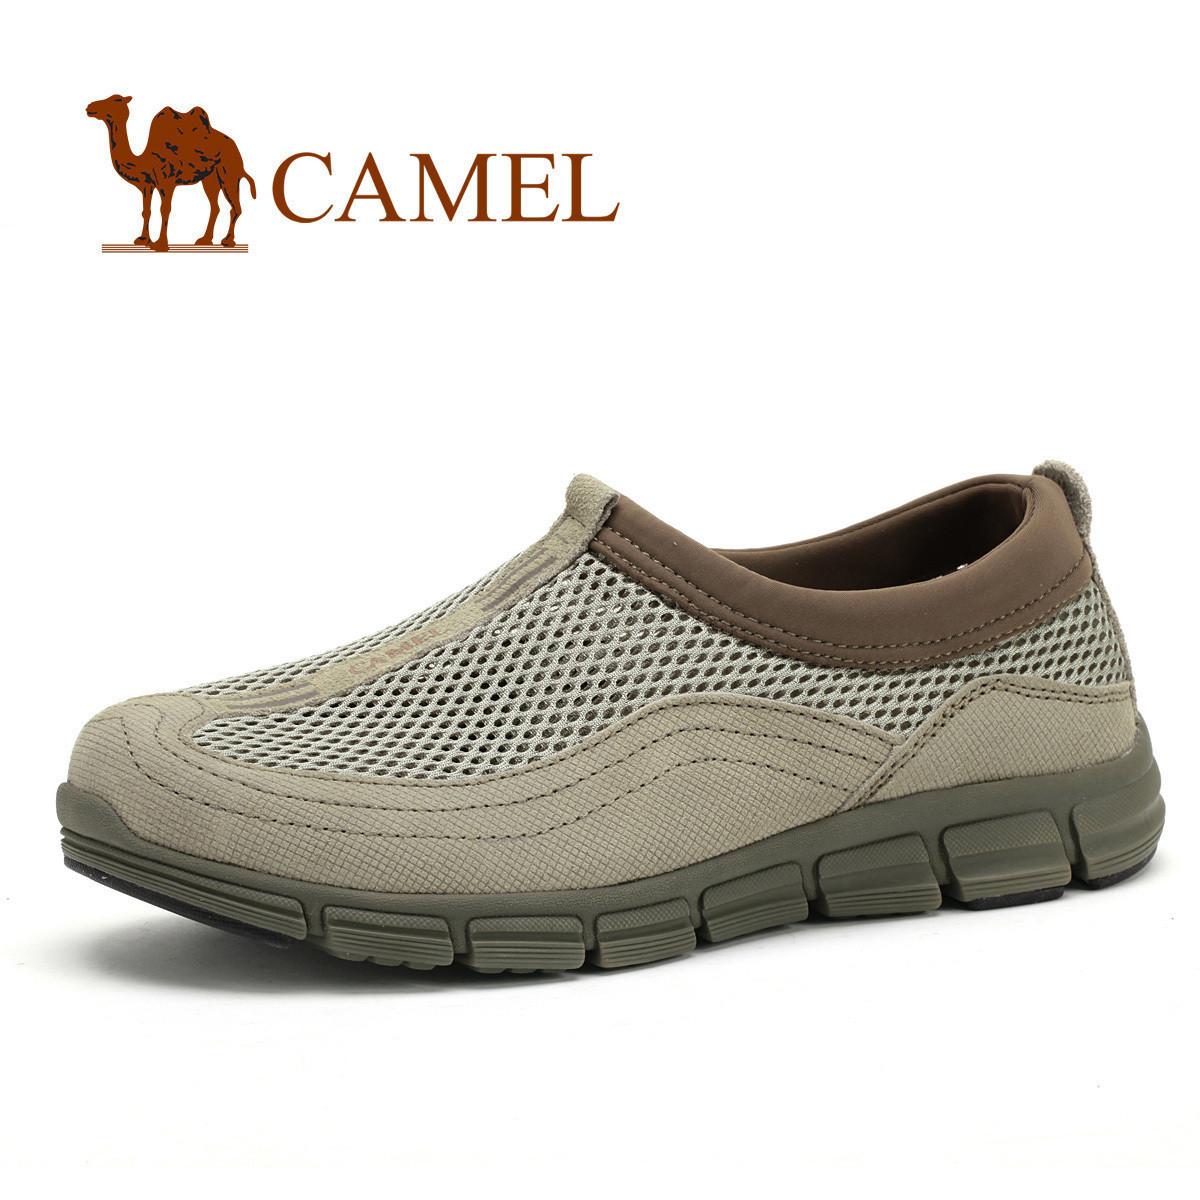 трекинговые кроссовки Camel 3300026 2011 Camel Китай Мужчины